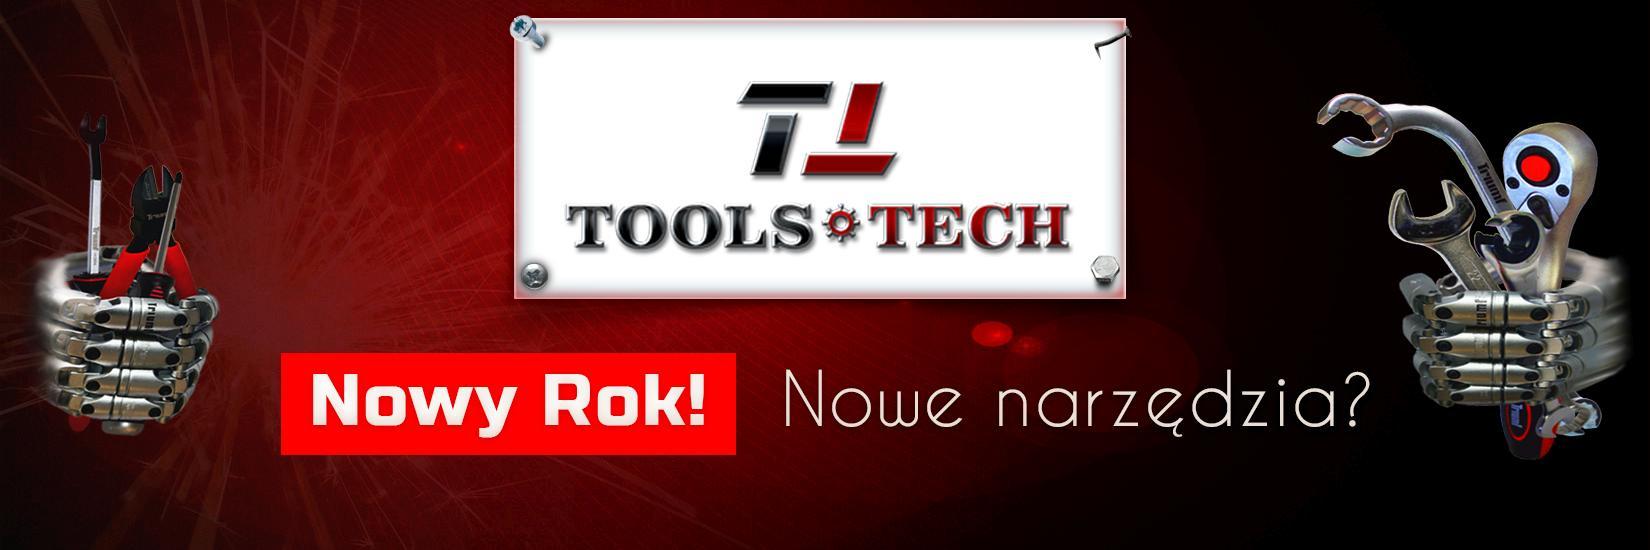 Nowy rok! Nowe narzędzia?